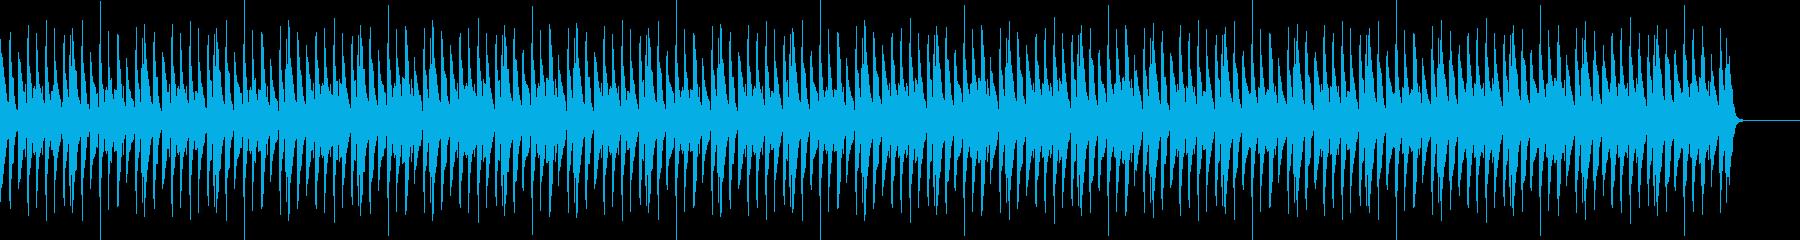 オルゴール・ウクレレ・楽しい・ポップスの再生済みの波形